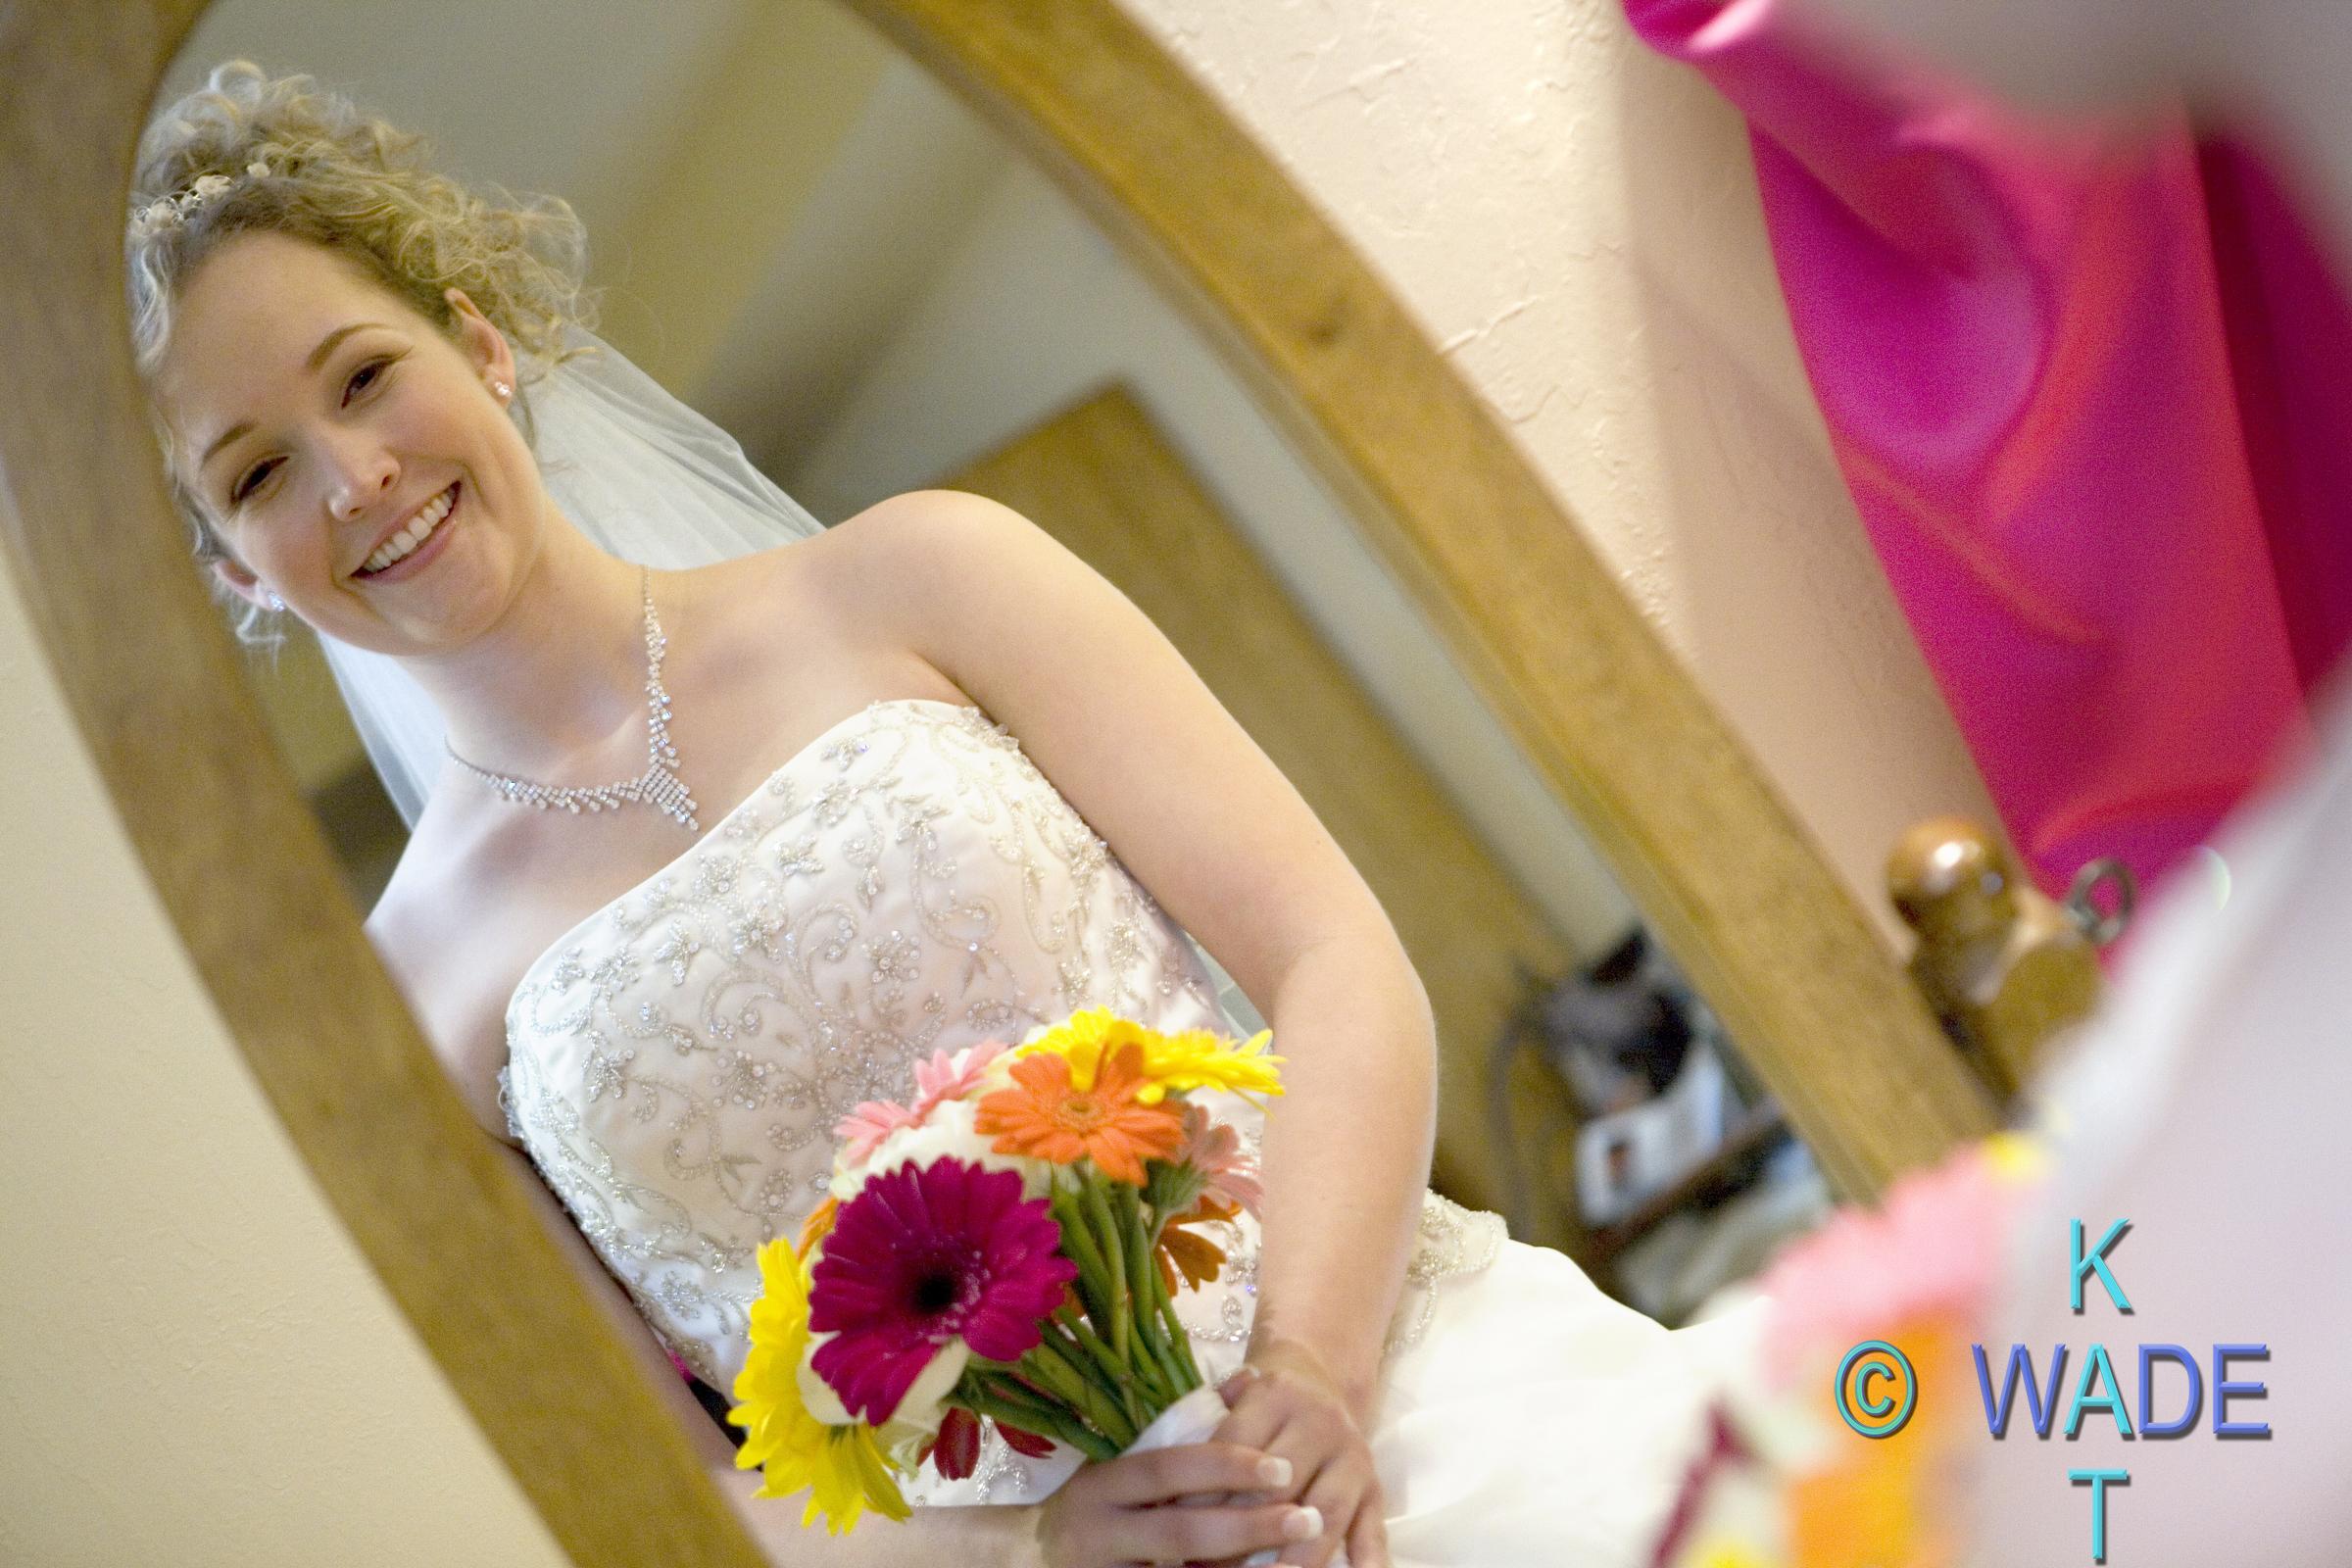 AMANDA_and_JON_Wedding_103_KatWade